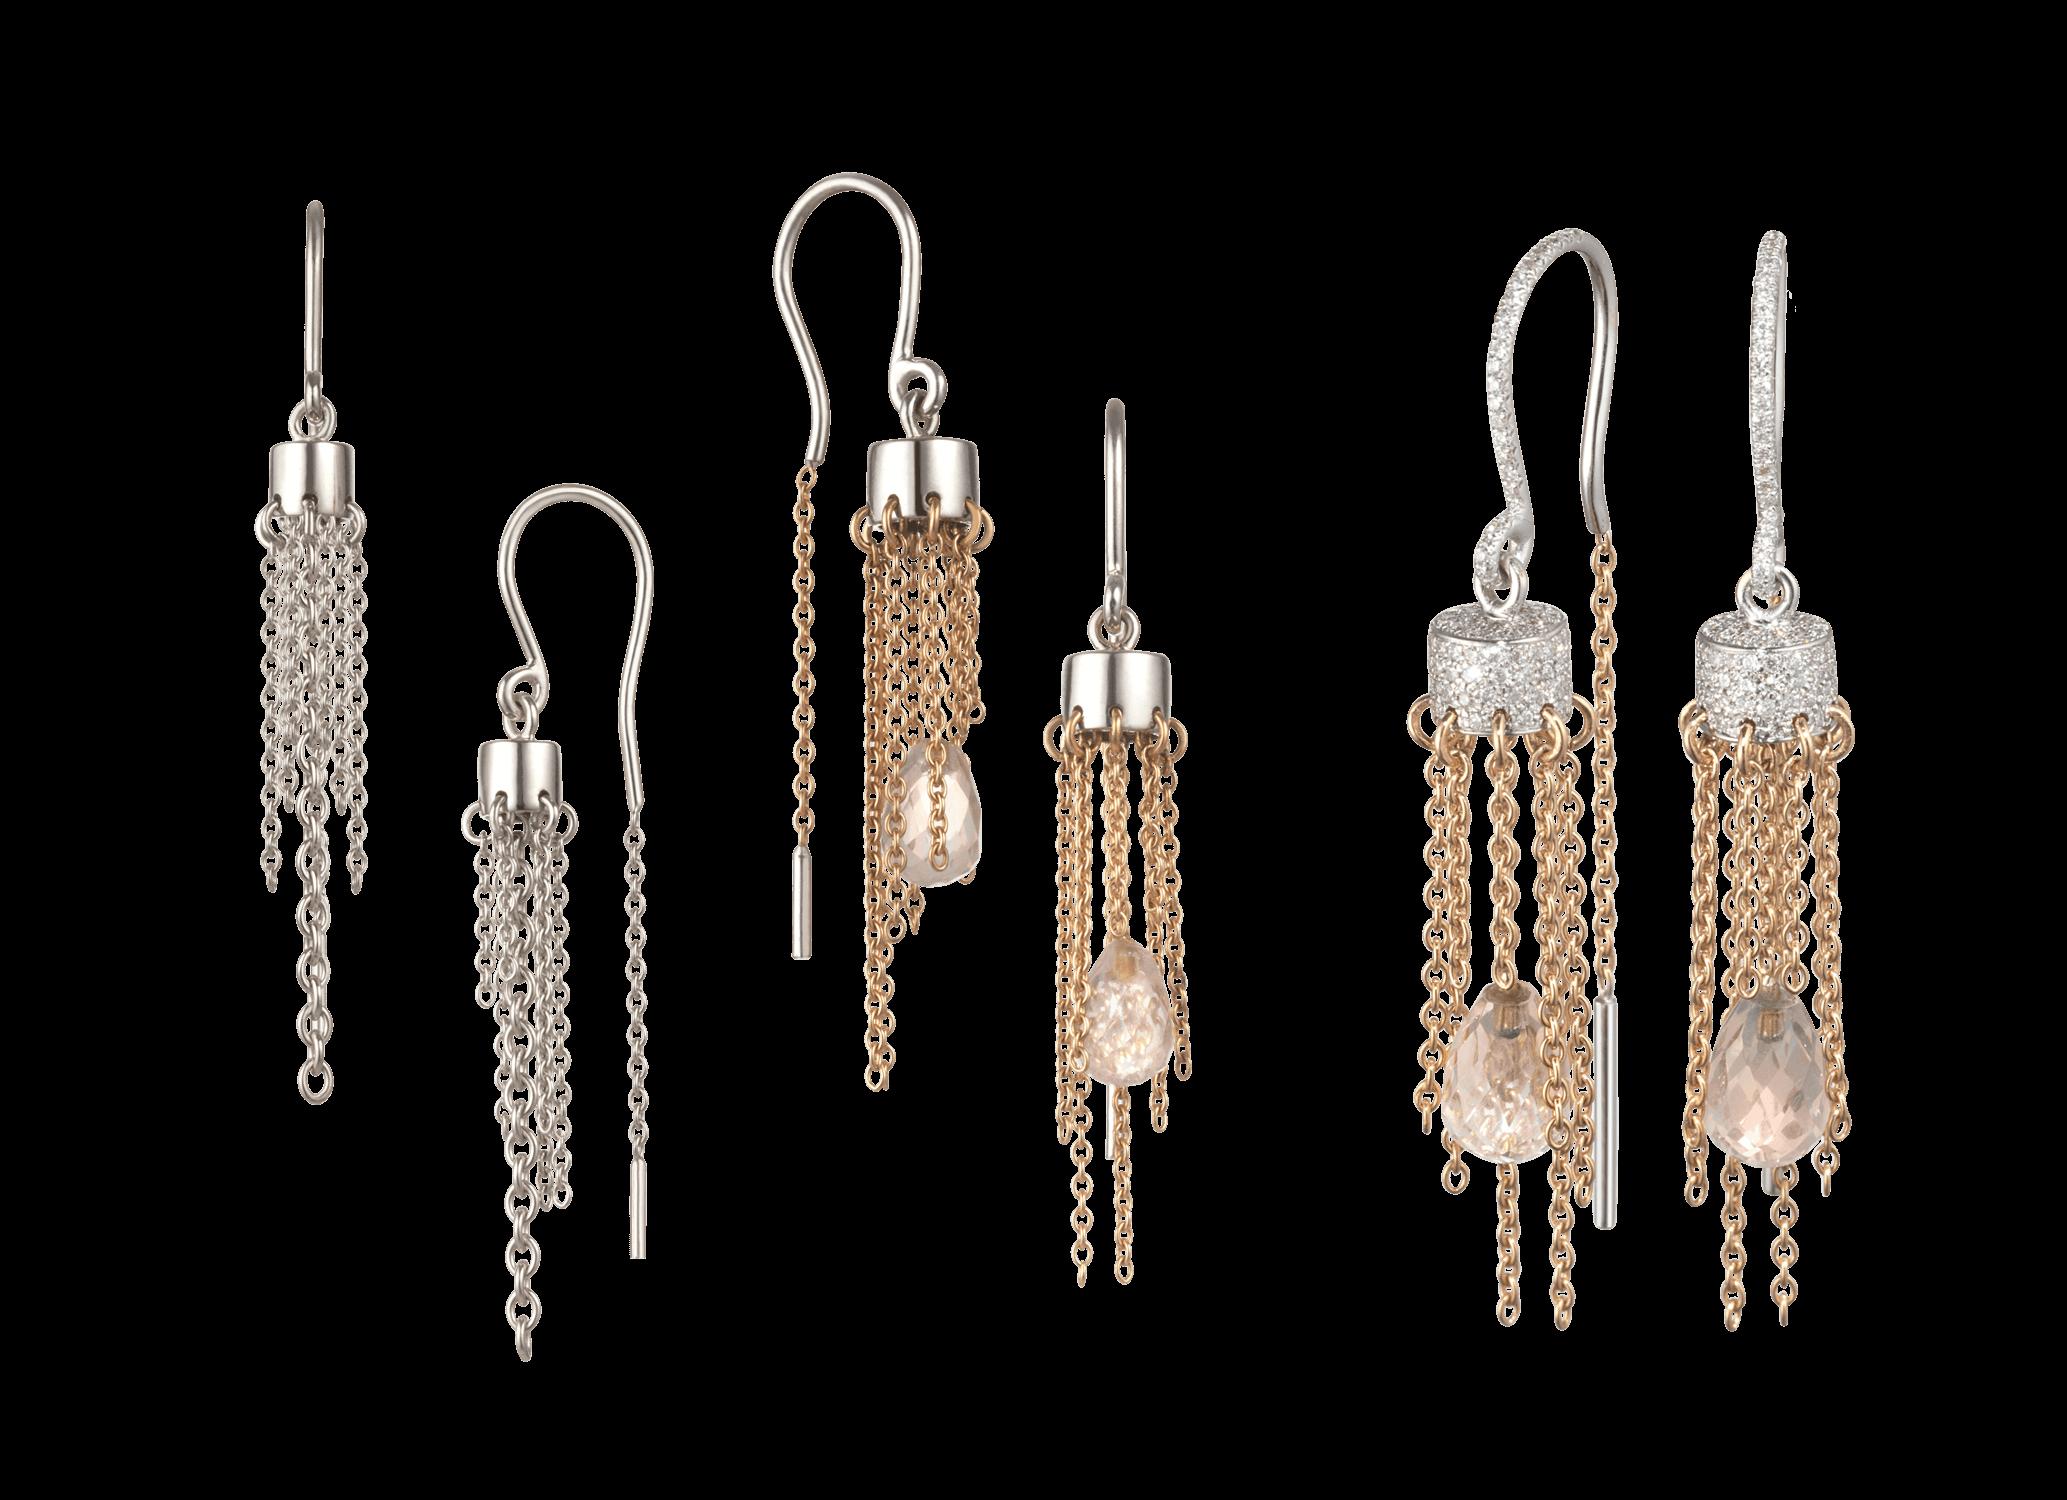 Boucles d'oreille Cygne - Á partir de 700 € tout or (blanc et/ou jaune et/ou rouge),900 € avec pampilles,3 300 € avec pavage 180 diamants (0,68 ct).